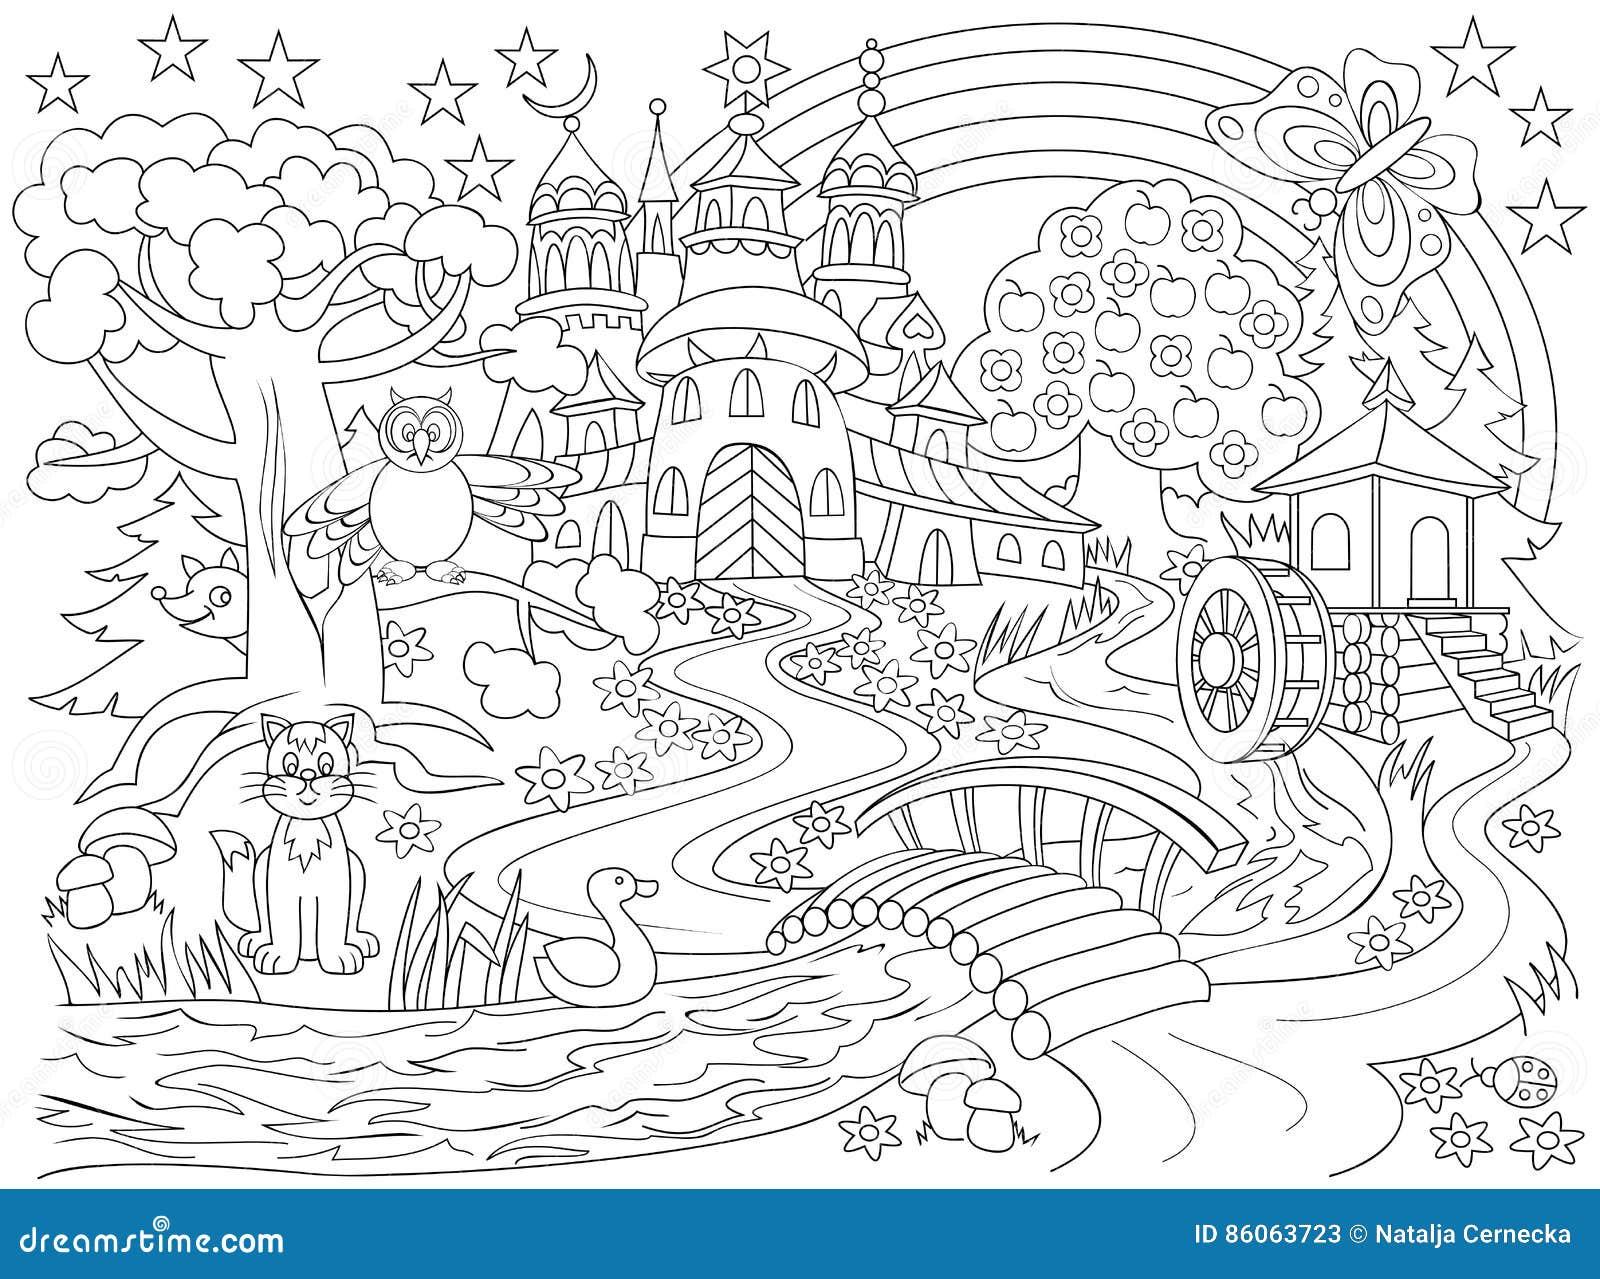 Desenho Preto E Branco Do Pais Do Mundo Das Fadas Castelo Medieval